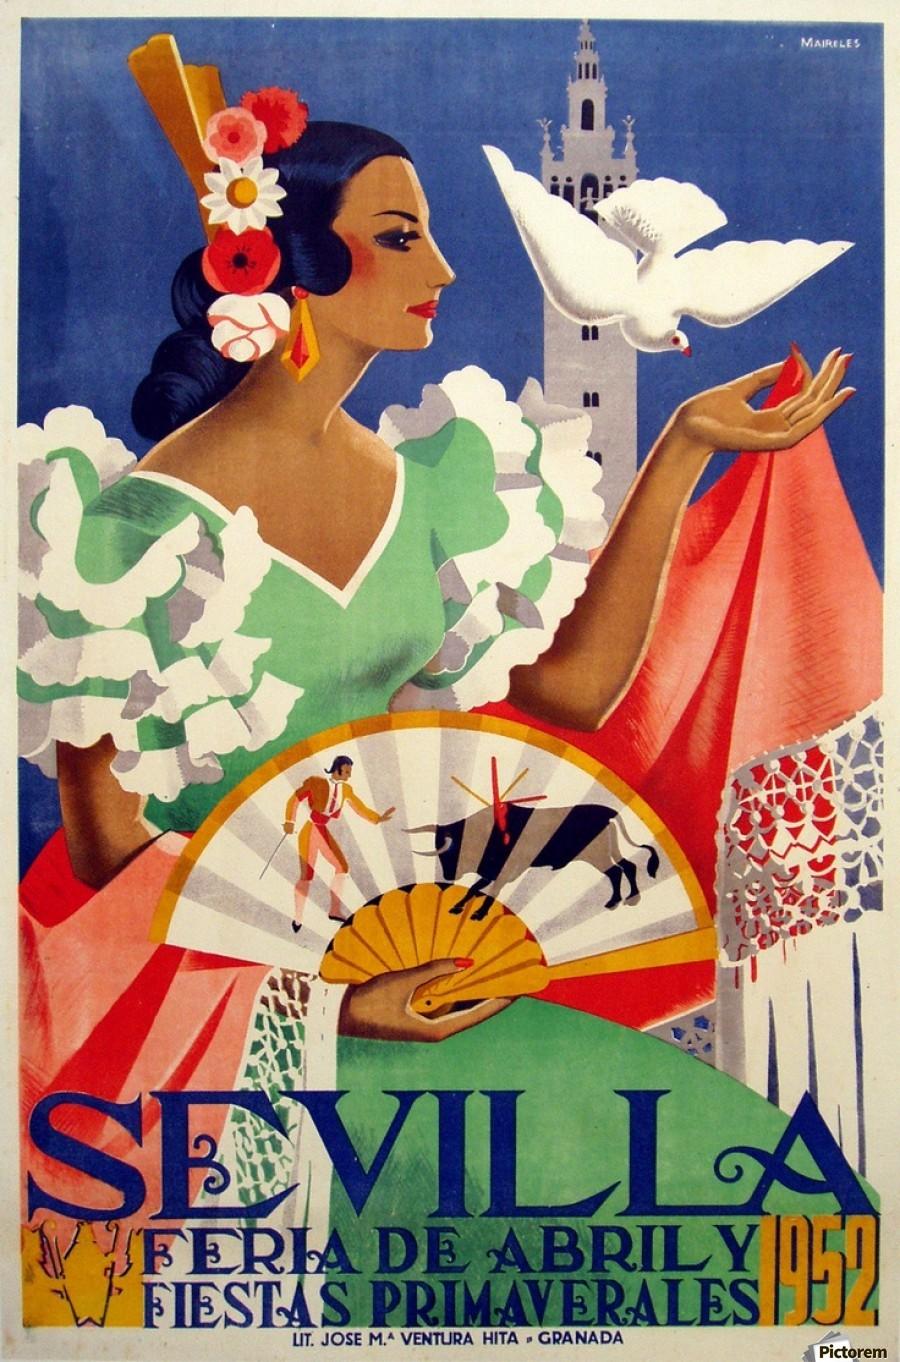 900_Sevilla vintage travel poster.jpg